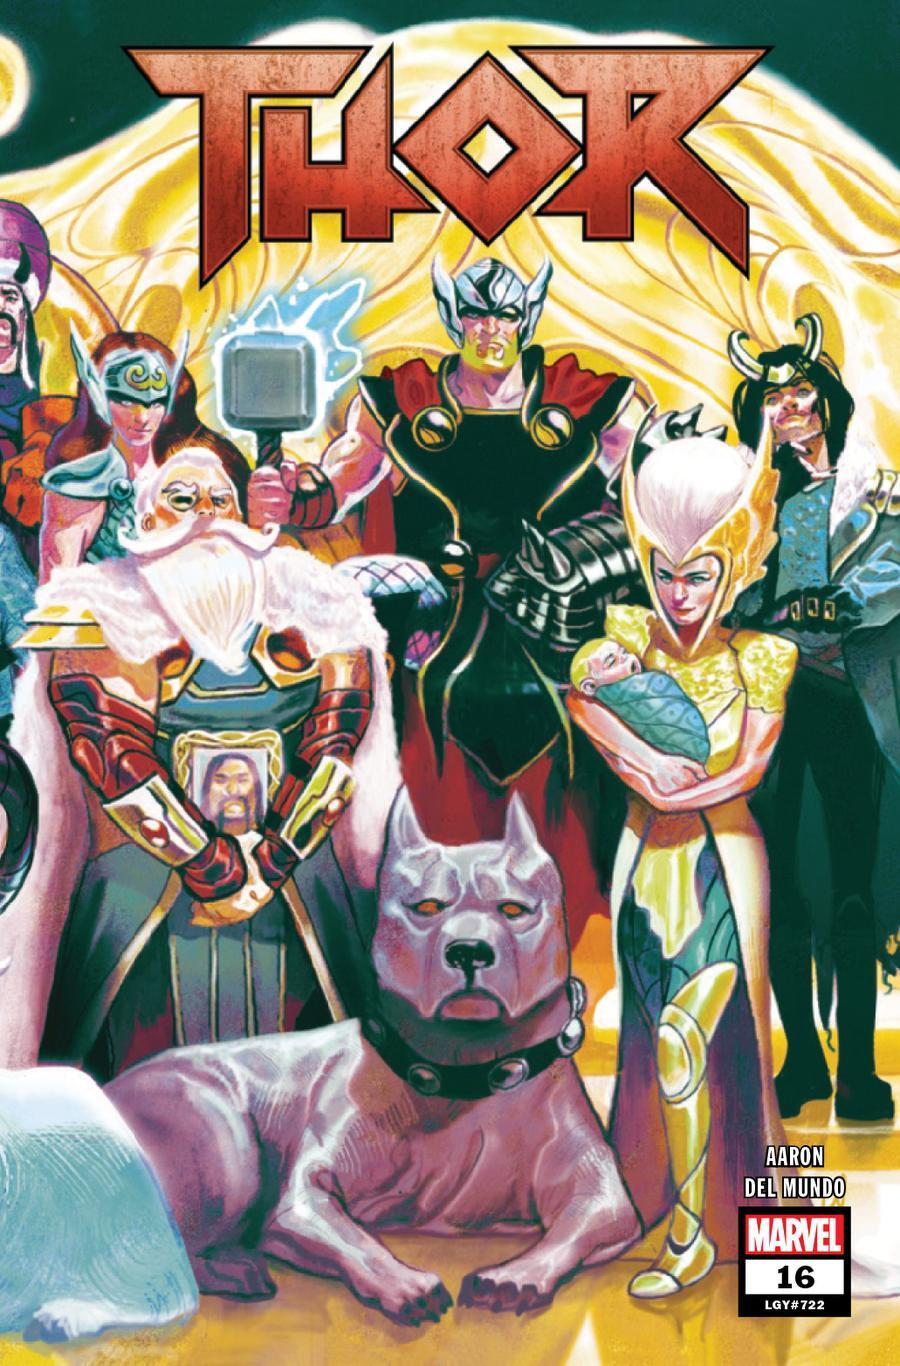 Thor Vol 5 #16 Cover A Regular Mike Del Mundo Wraparound Cover